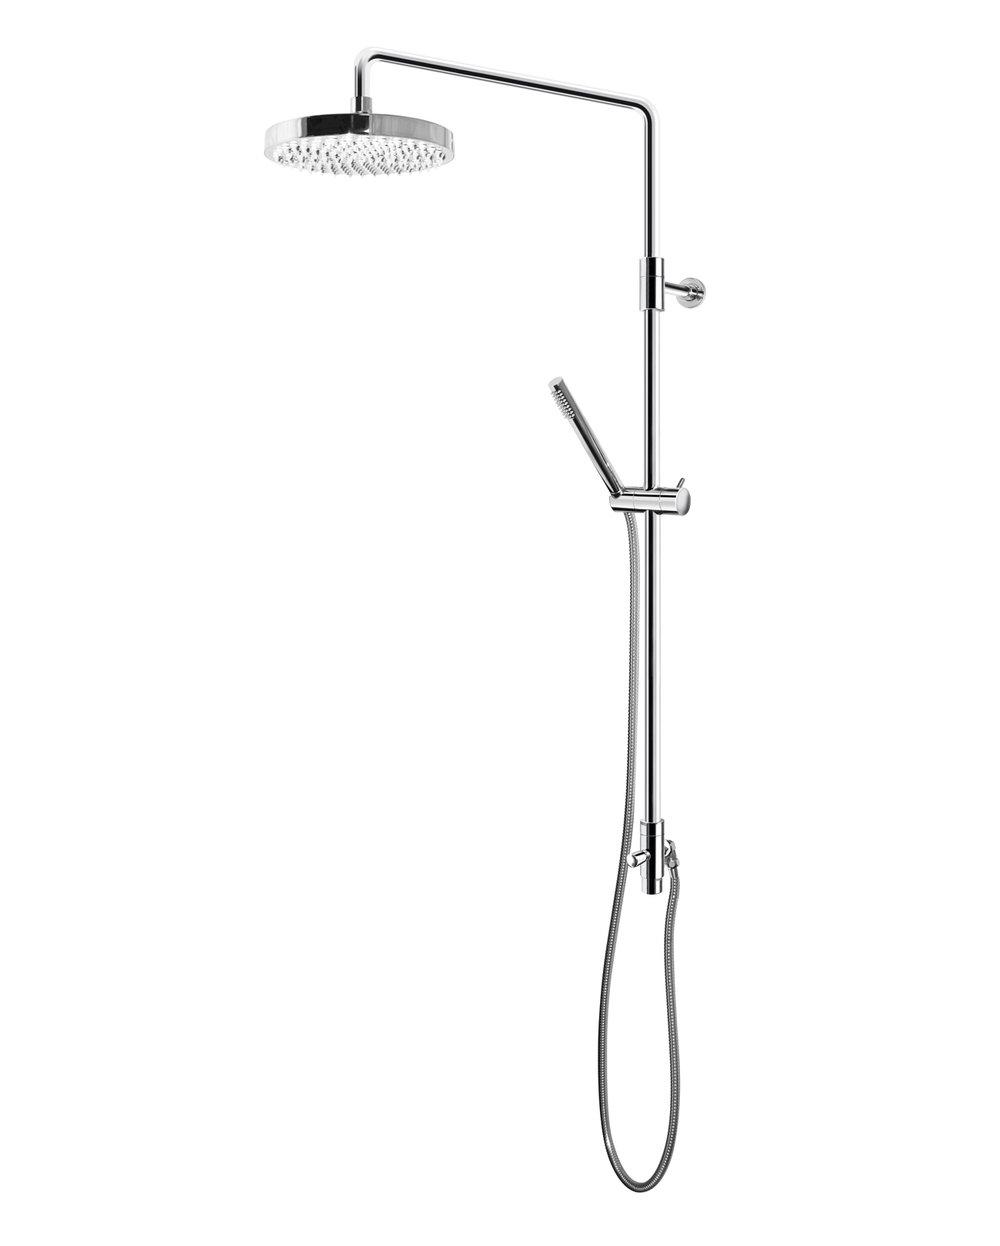 Duschset med takdusch Gustavsberg G2 (4931 kr).